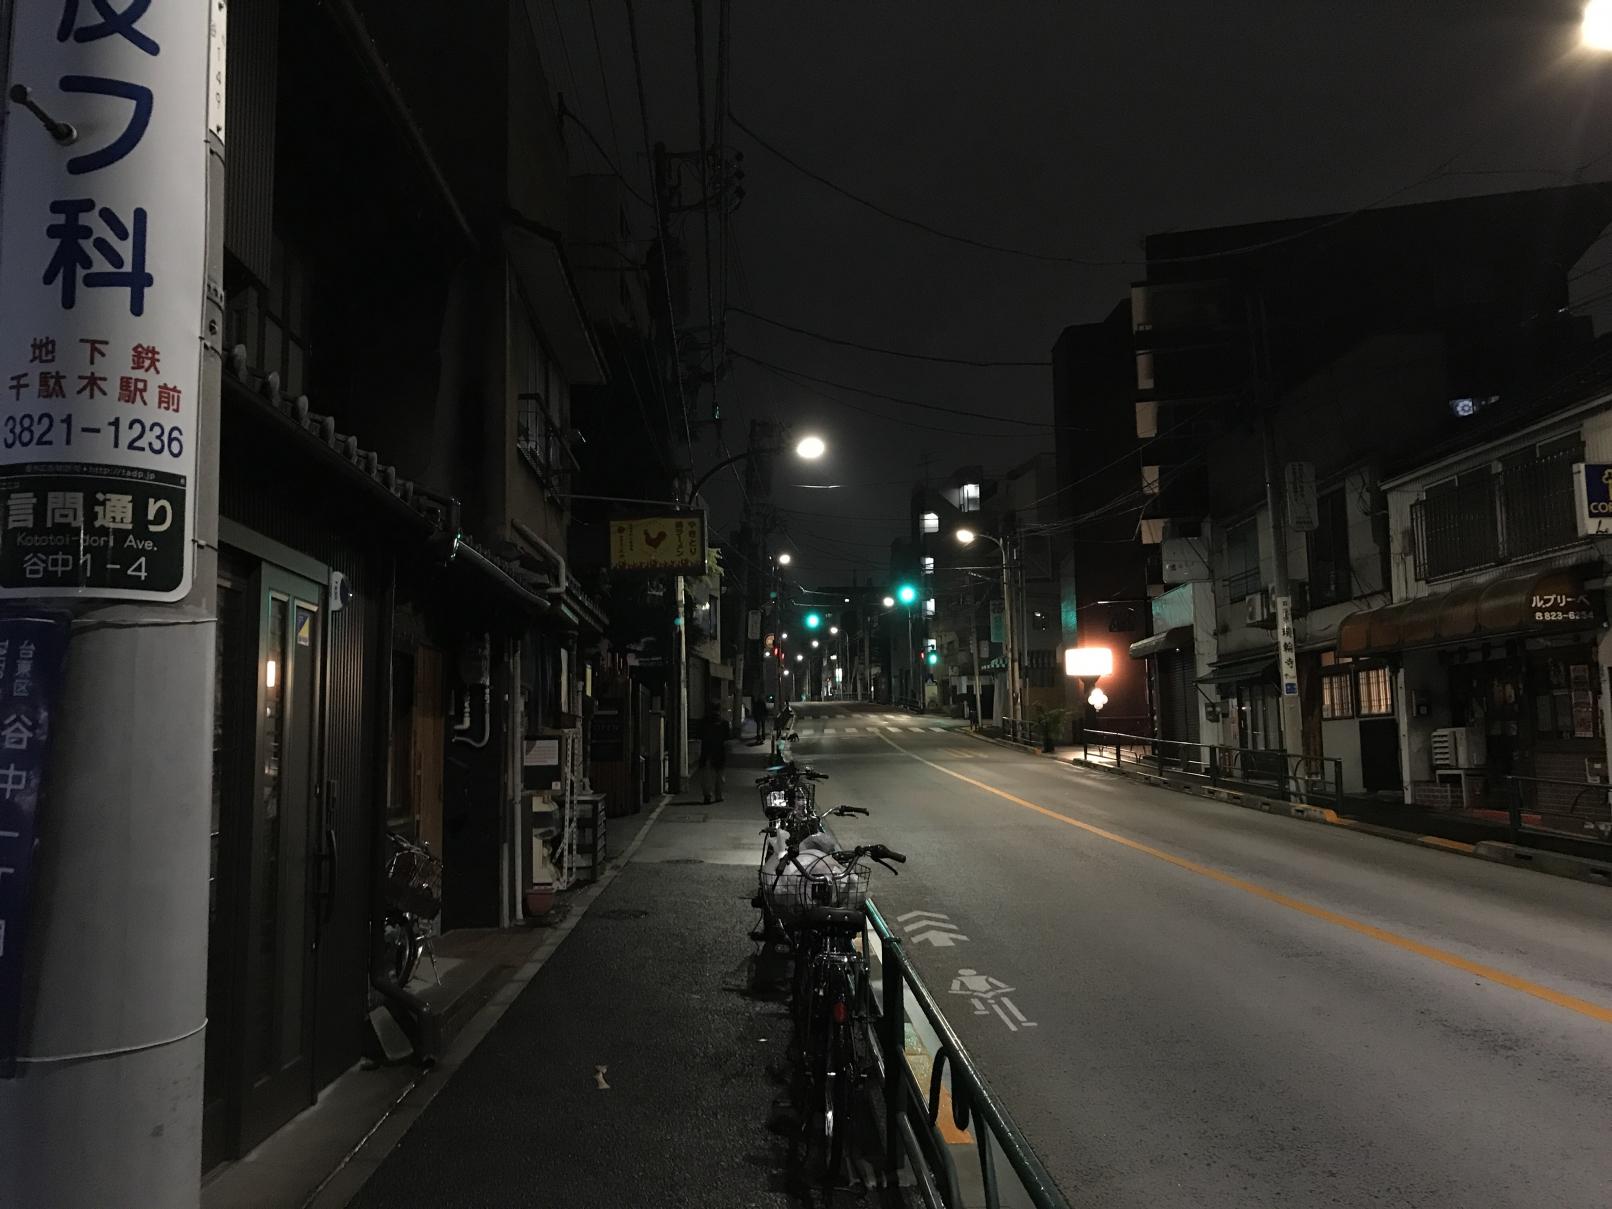 [img]https://upload.cc/i1/2019/02/10/7kHmzA.png[/img]